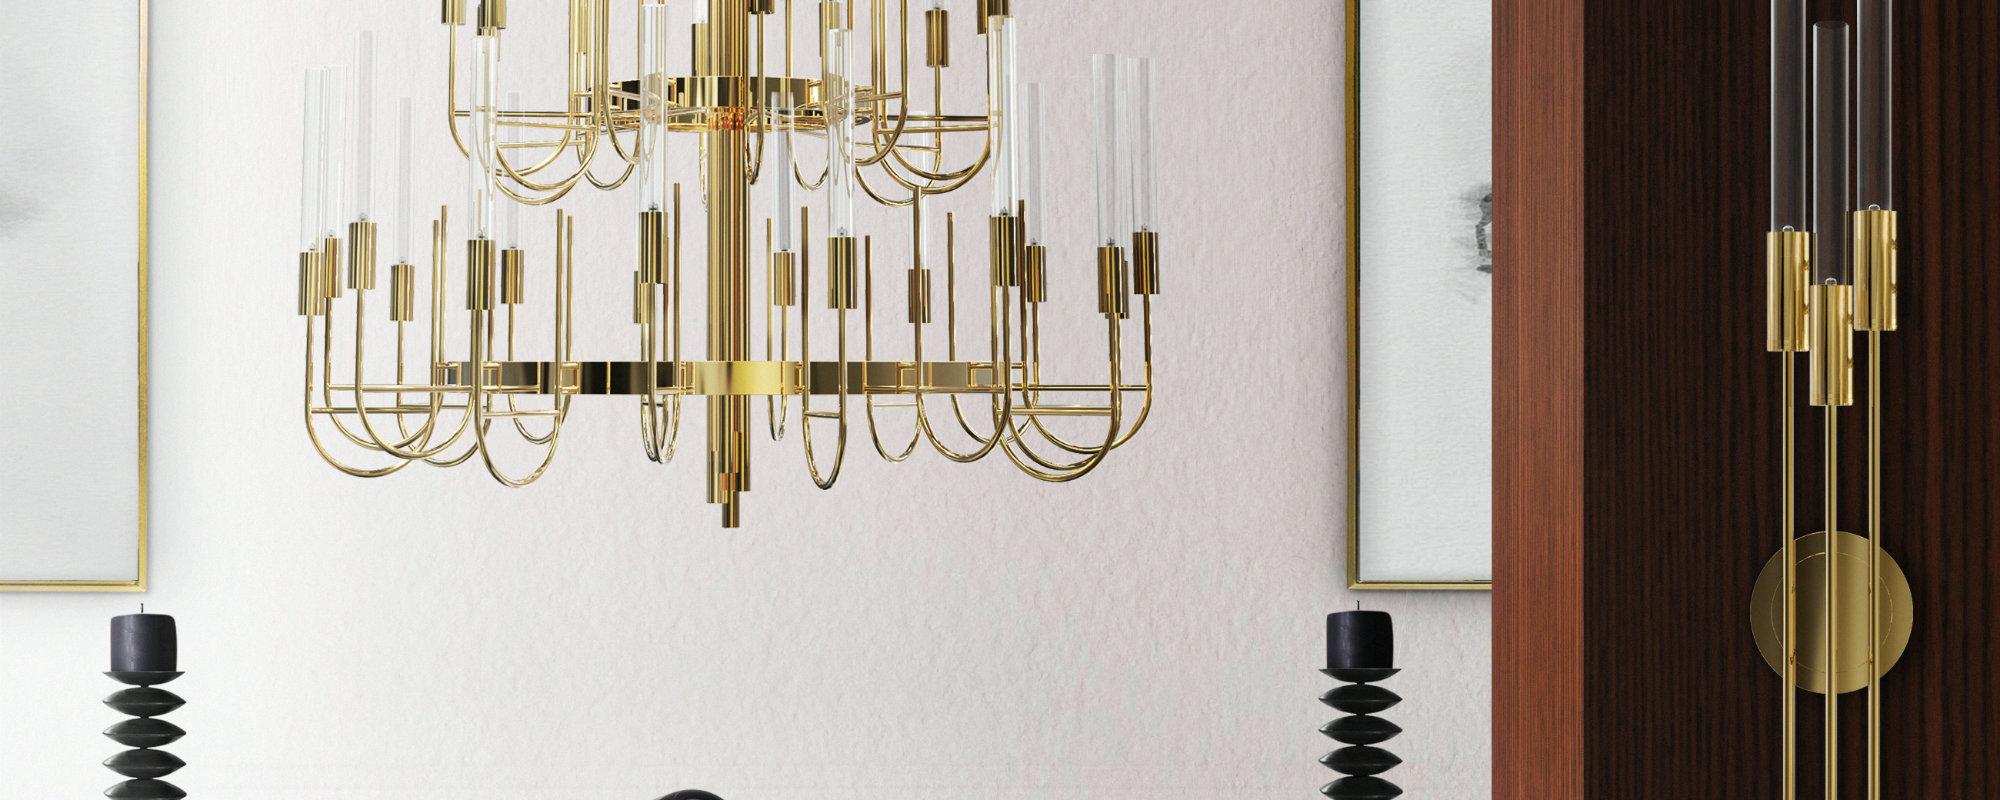 Tendencias para illuminación: cinco ideas de lujo para tús proyectos Tendencias para illuminación Tendencias para illuminación: cinco ideas de lujo para tús proyectos Featured 4